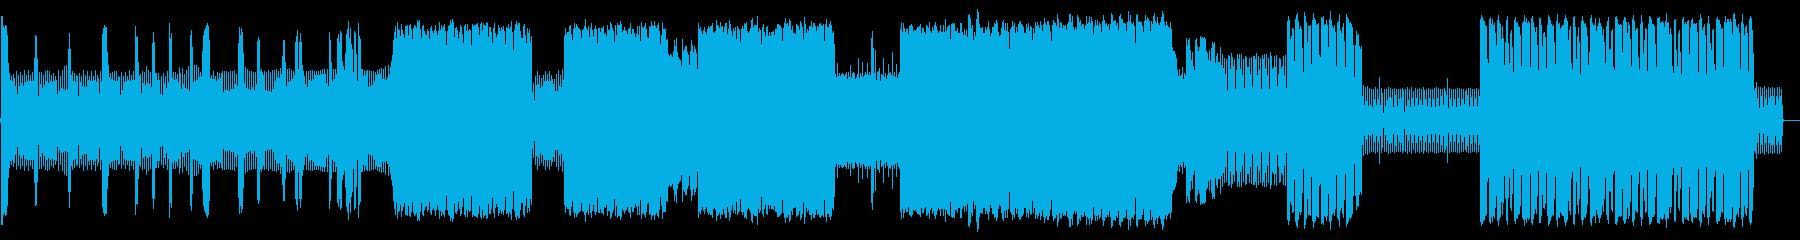 ノイジーでインダストリアなルテクノの再生済みの波形